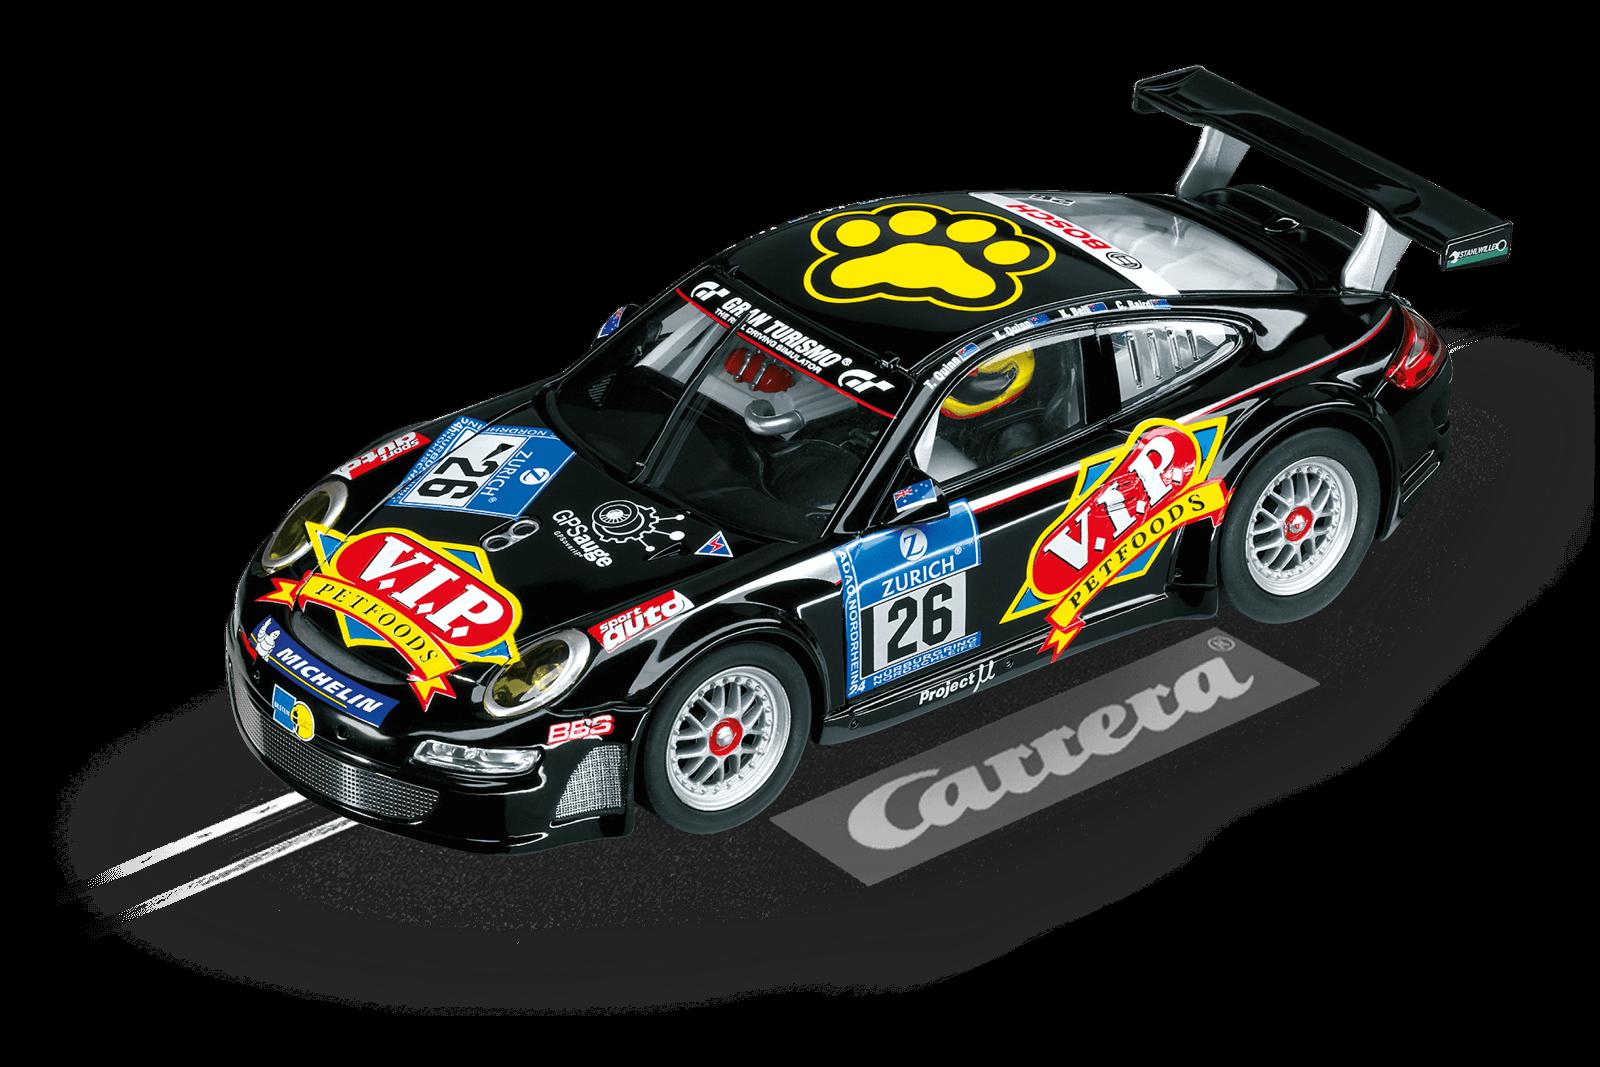 TOP Tuning  voiturerera Digital 132 - Porsche GT3 RSR  V.I.P. Petfoods  wie 30461